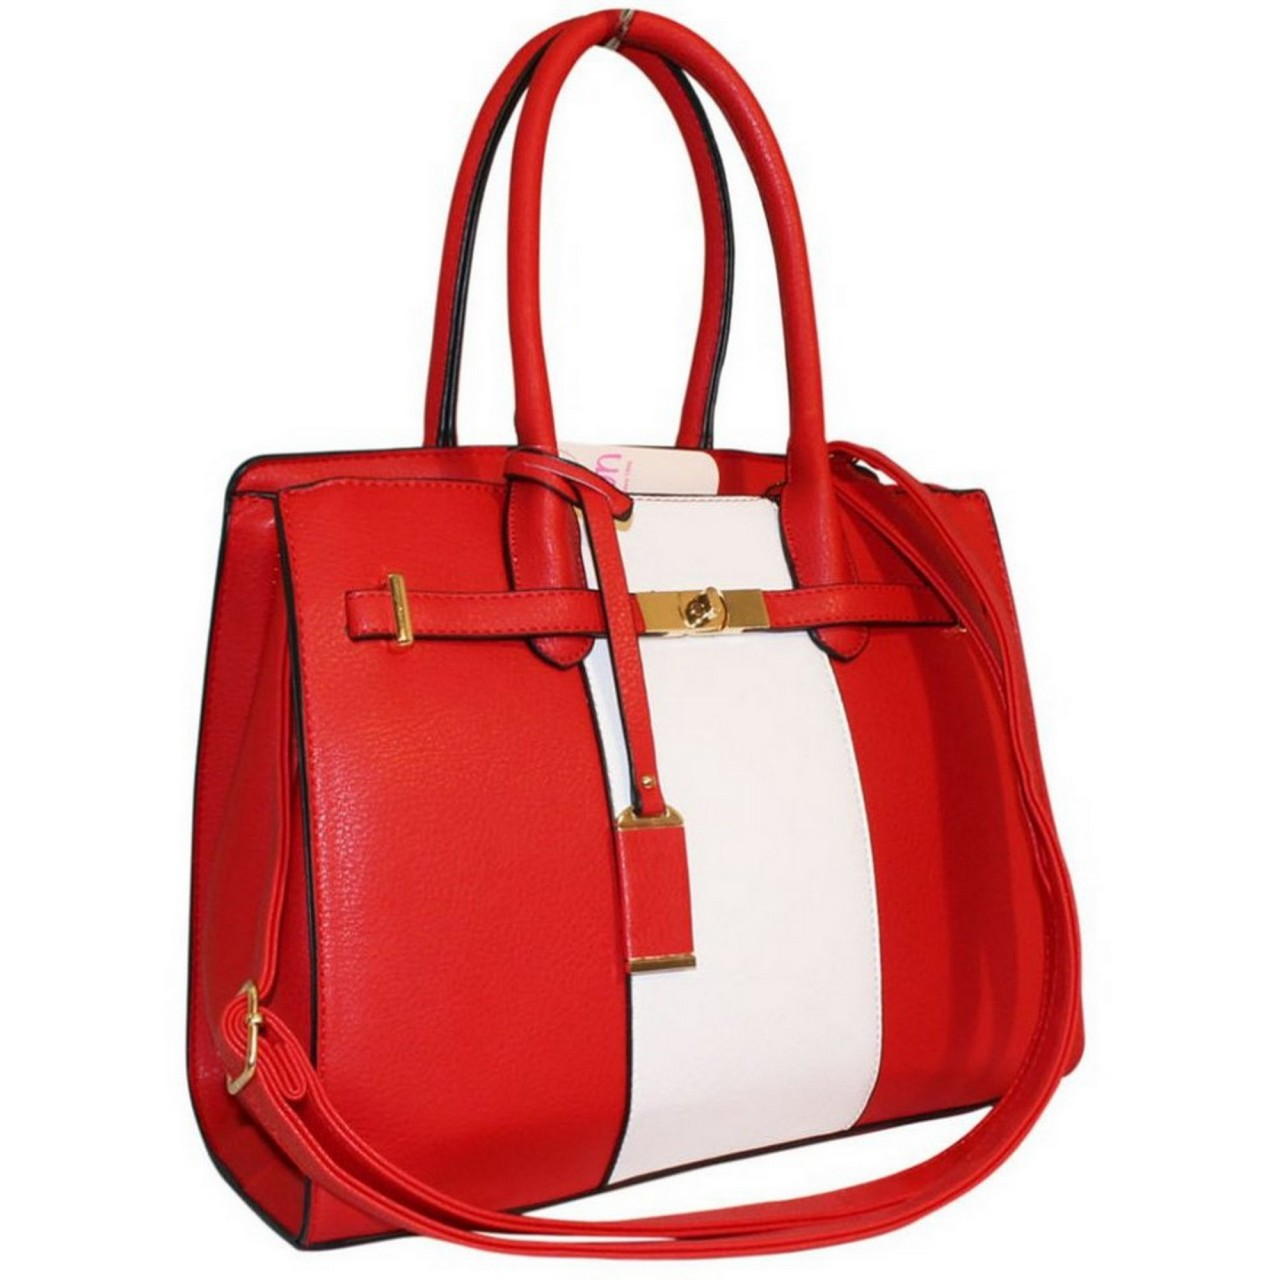 Damenhandtasche rot / weiß Schultertasche / Shopper